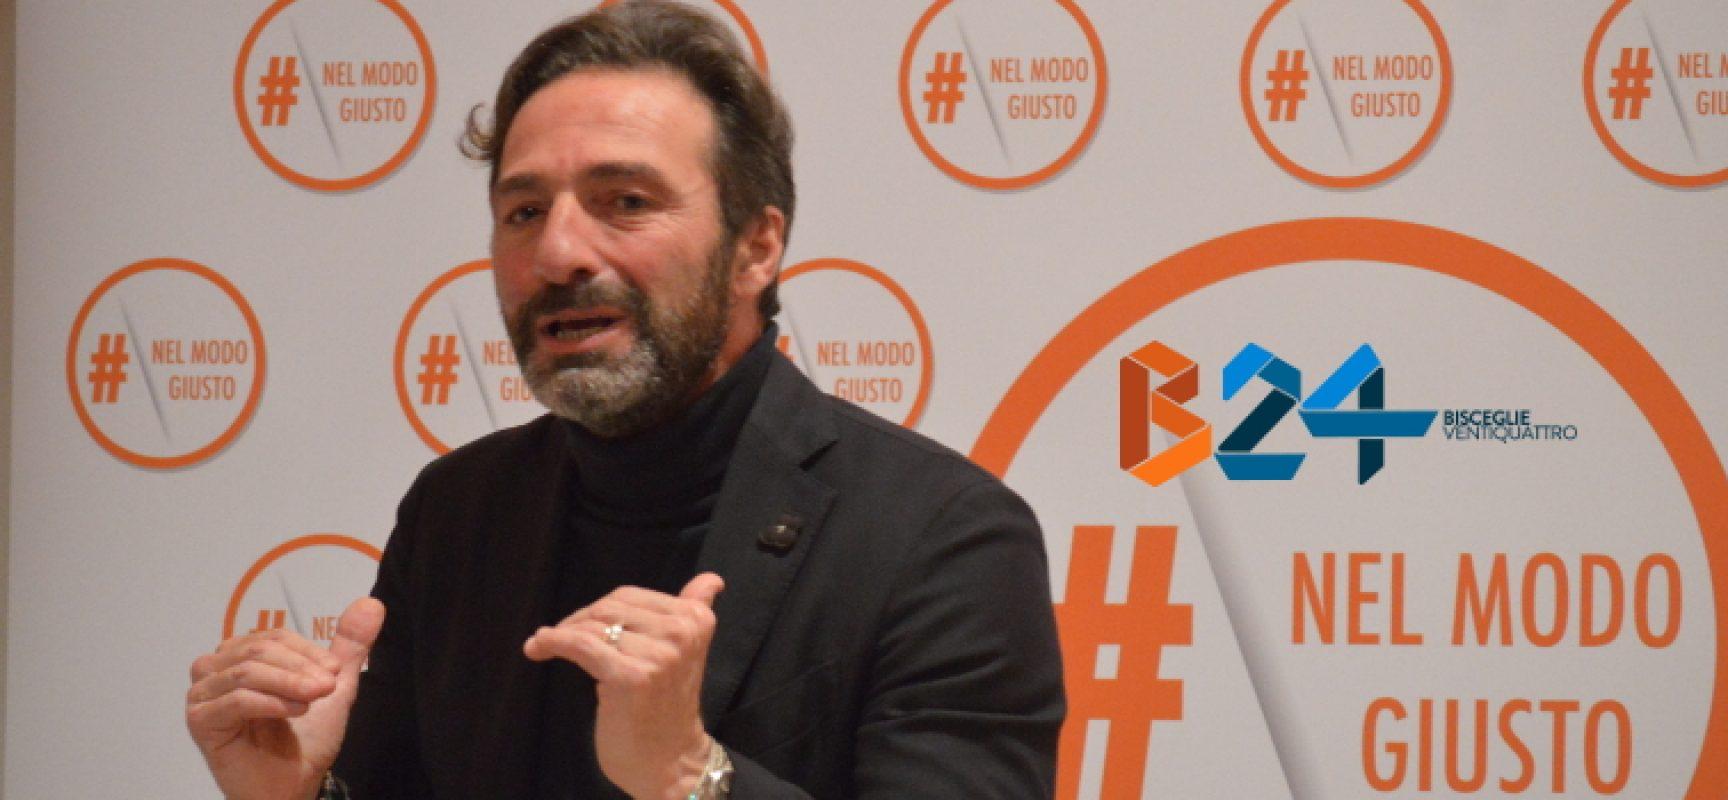 """Amministrative, Gianni Casella: """"Giovani saranno attori principali, non un cartello elettorale"""""""